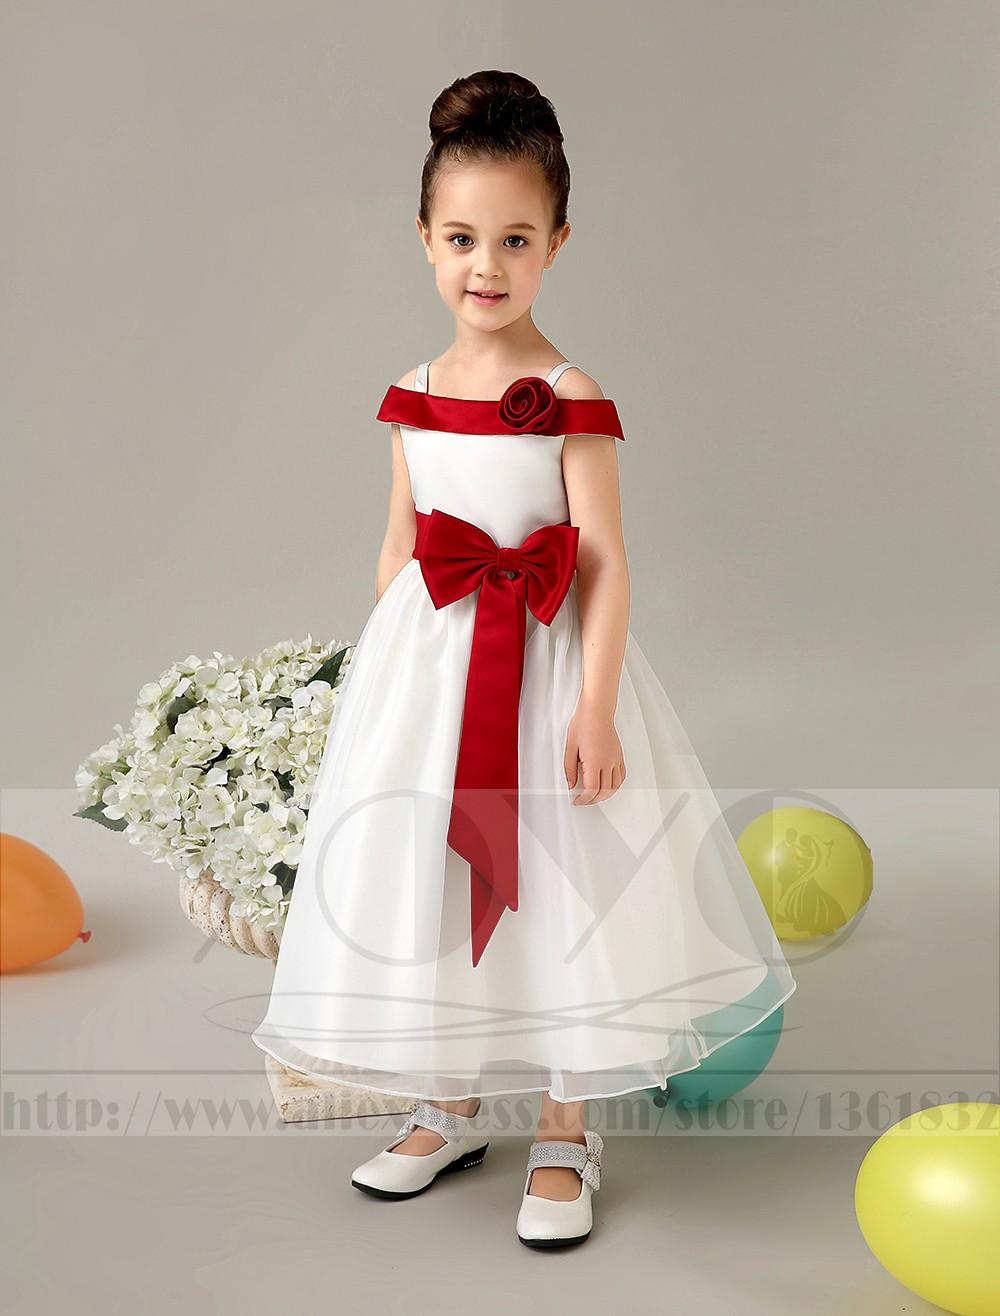 Скидки на -Линии атласная и тюль кот свадебный цветок девочки Платья маленькие девочки платья элегантный дети девушки вечерние платья с sash